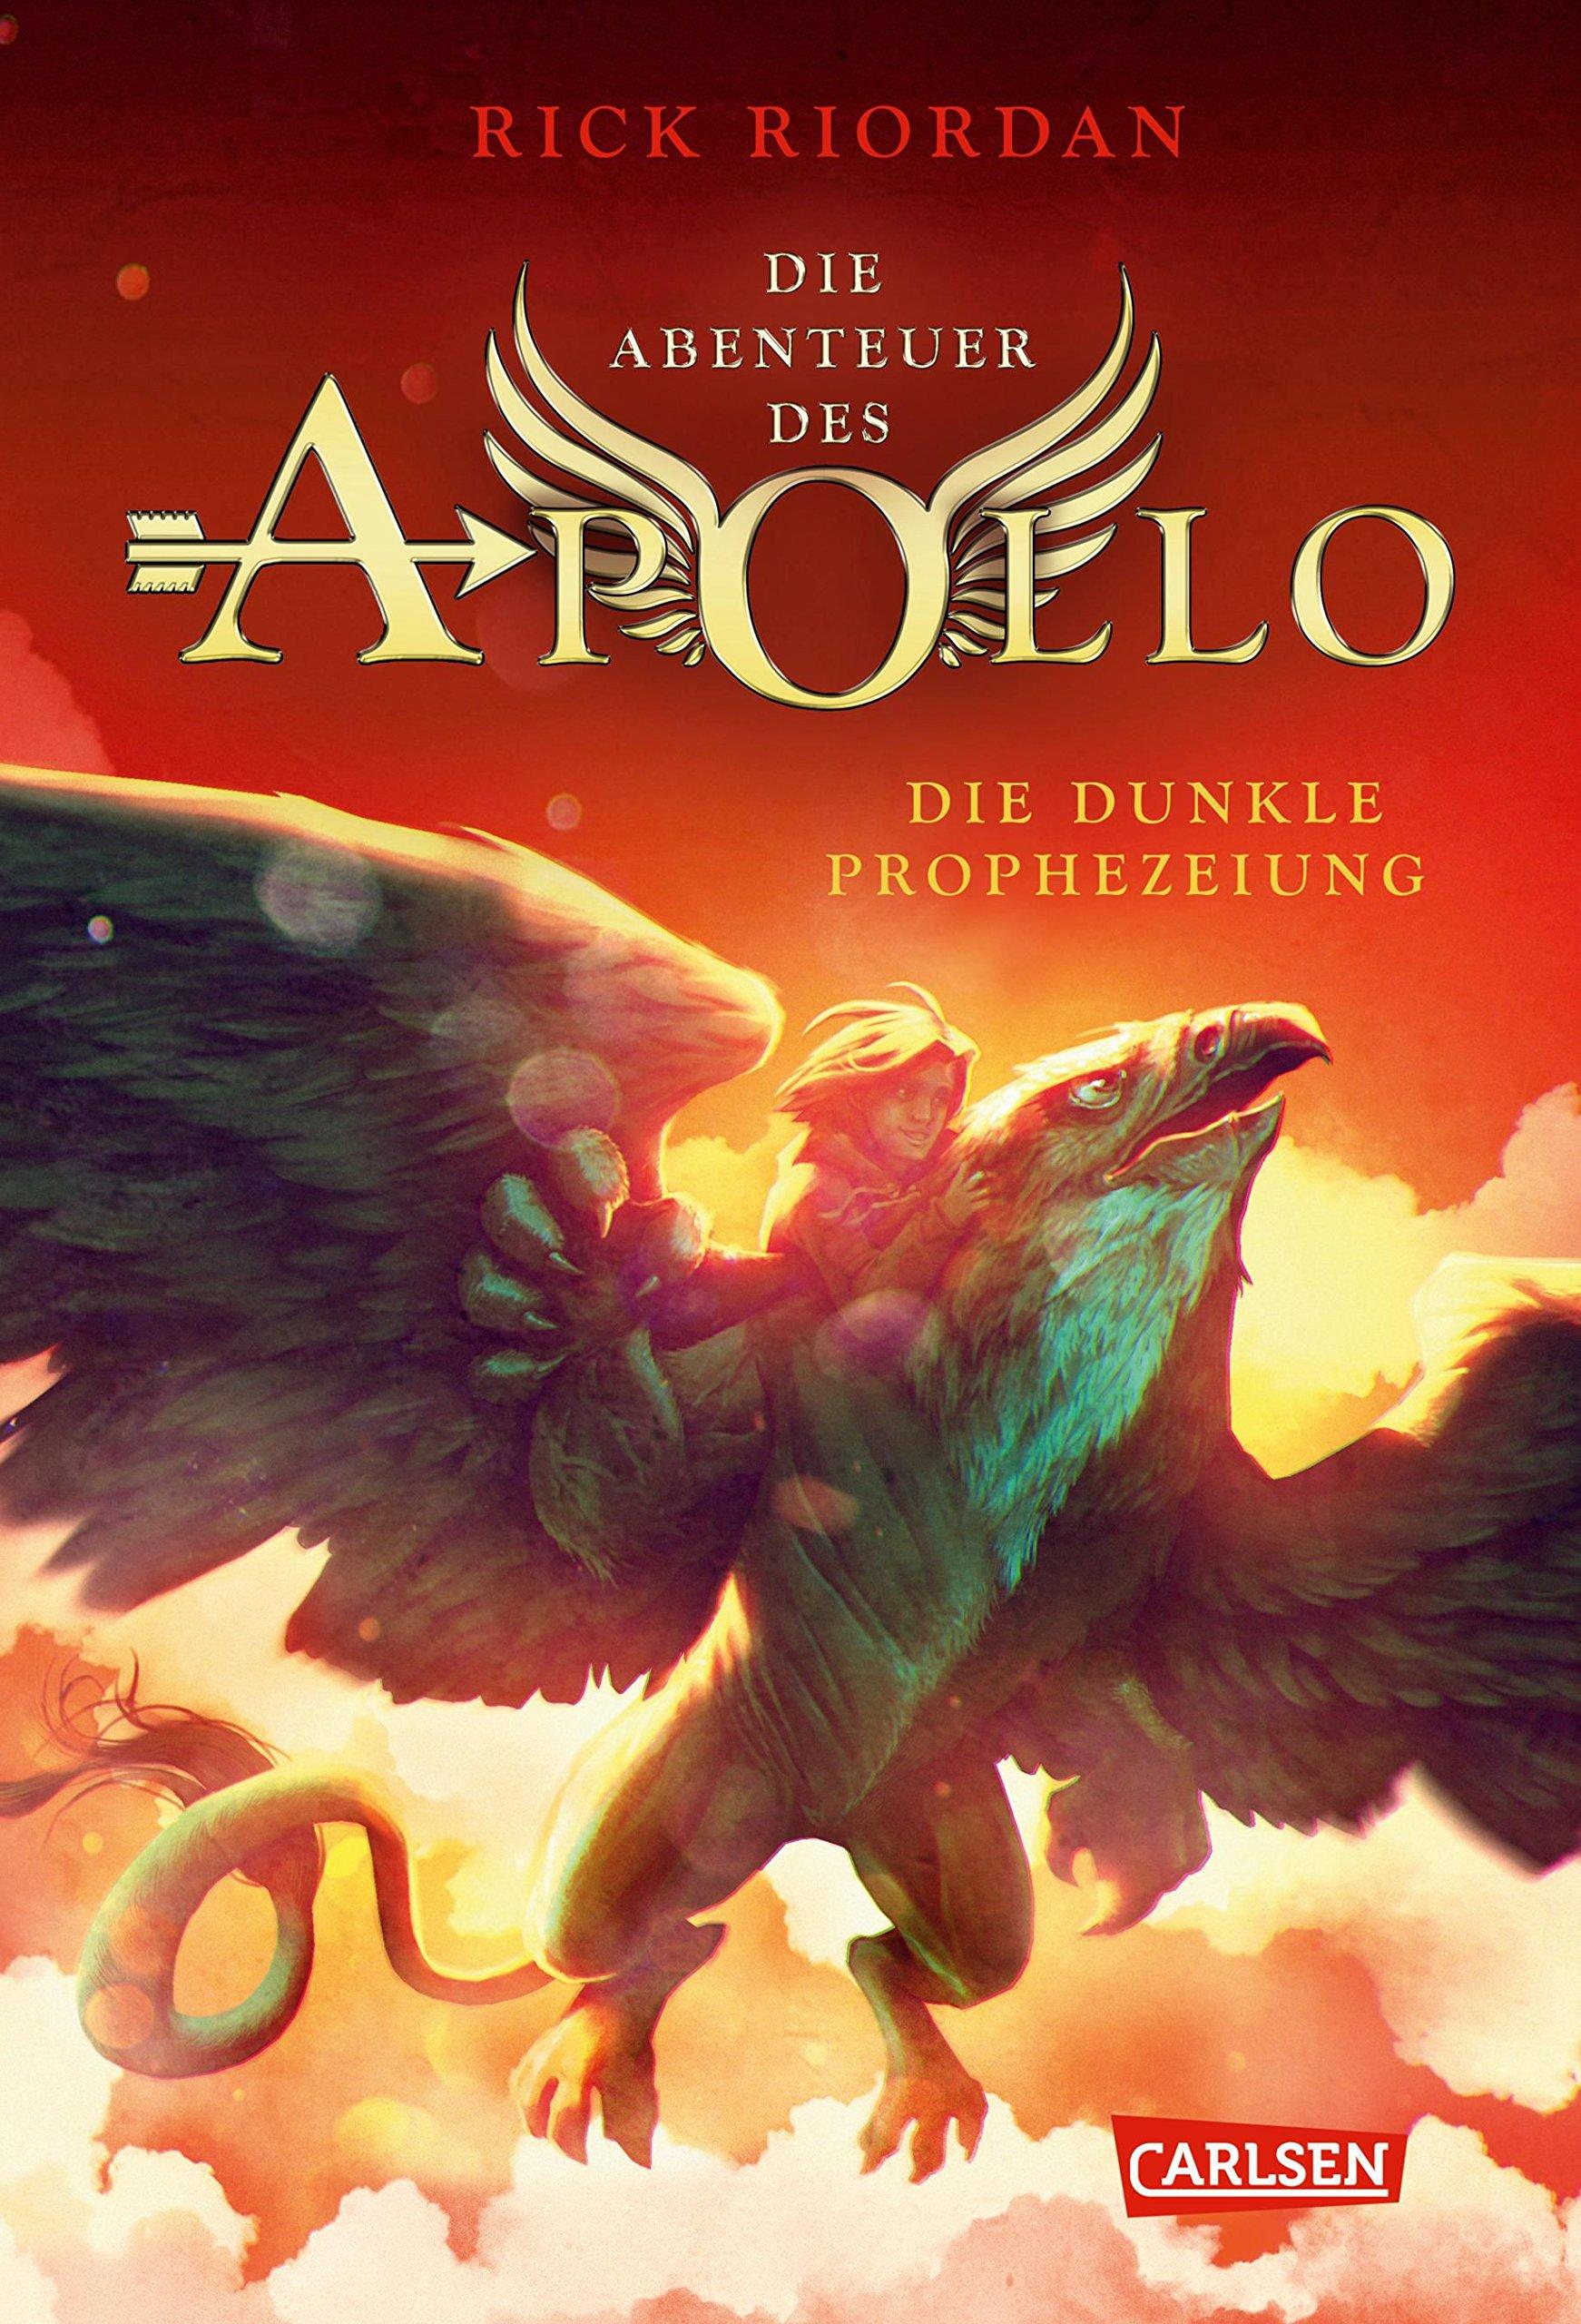 Die Abenteuer des Apollo 2: Die dunkle Prophezeiung Gebundenes Buch – 31. August 2018 Rick Riordan Gabriele Haefs Carlsen 355155689X